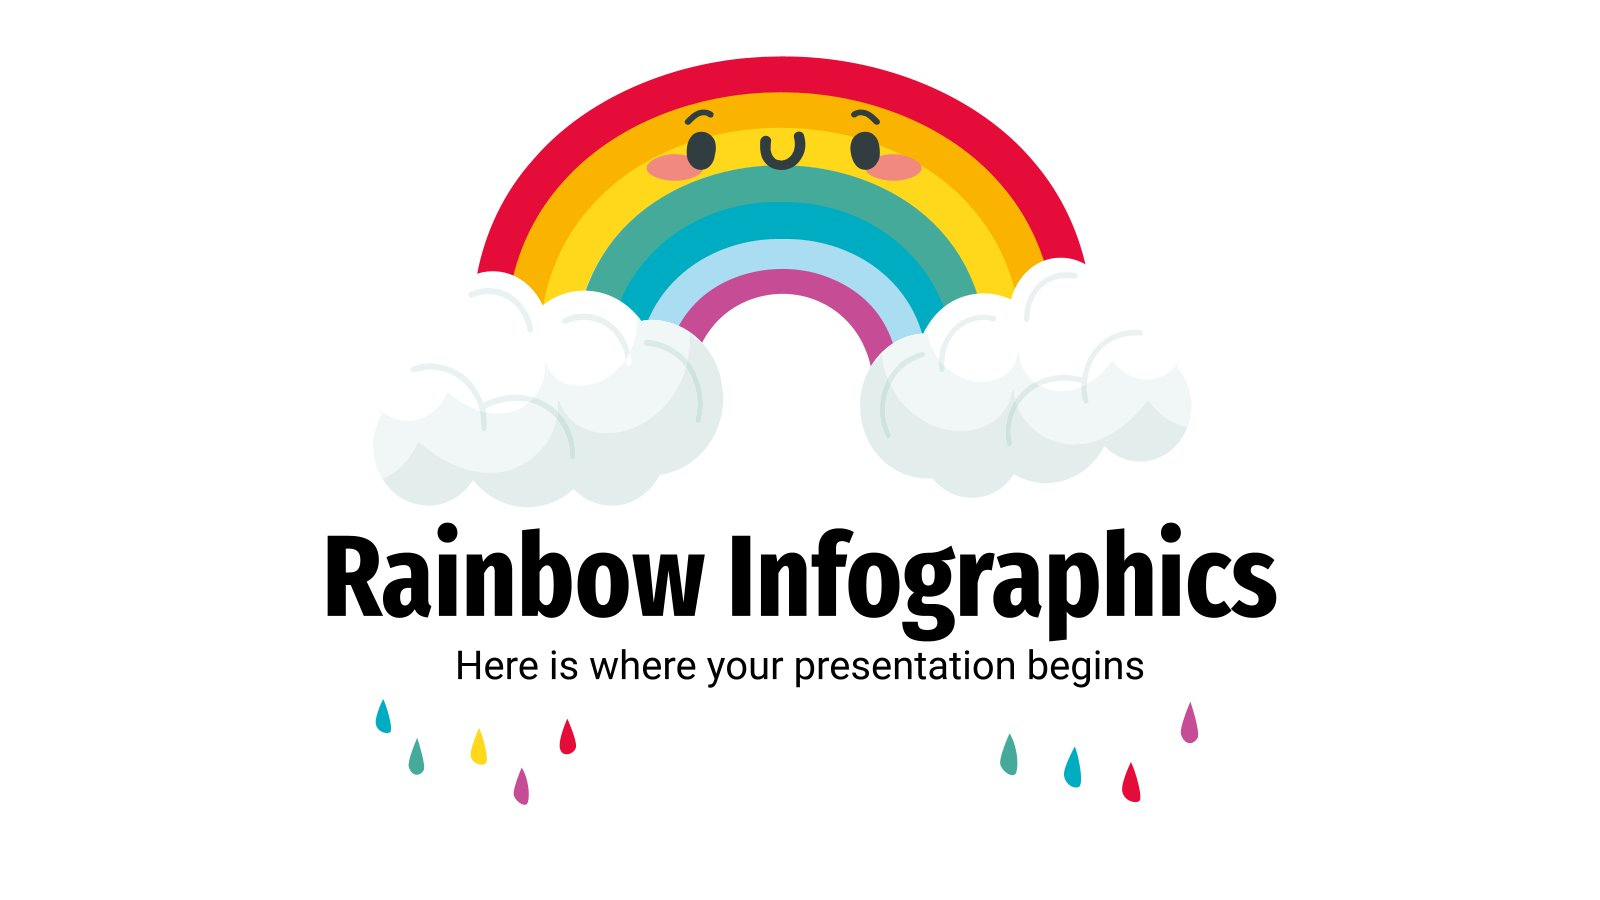 Infographies sur l'arc-en-ciel : Modèles de présentation